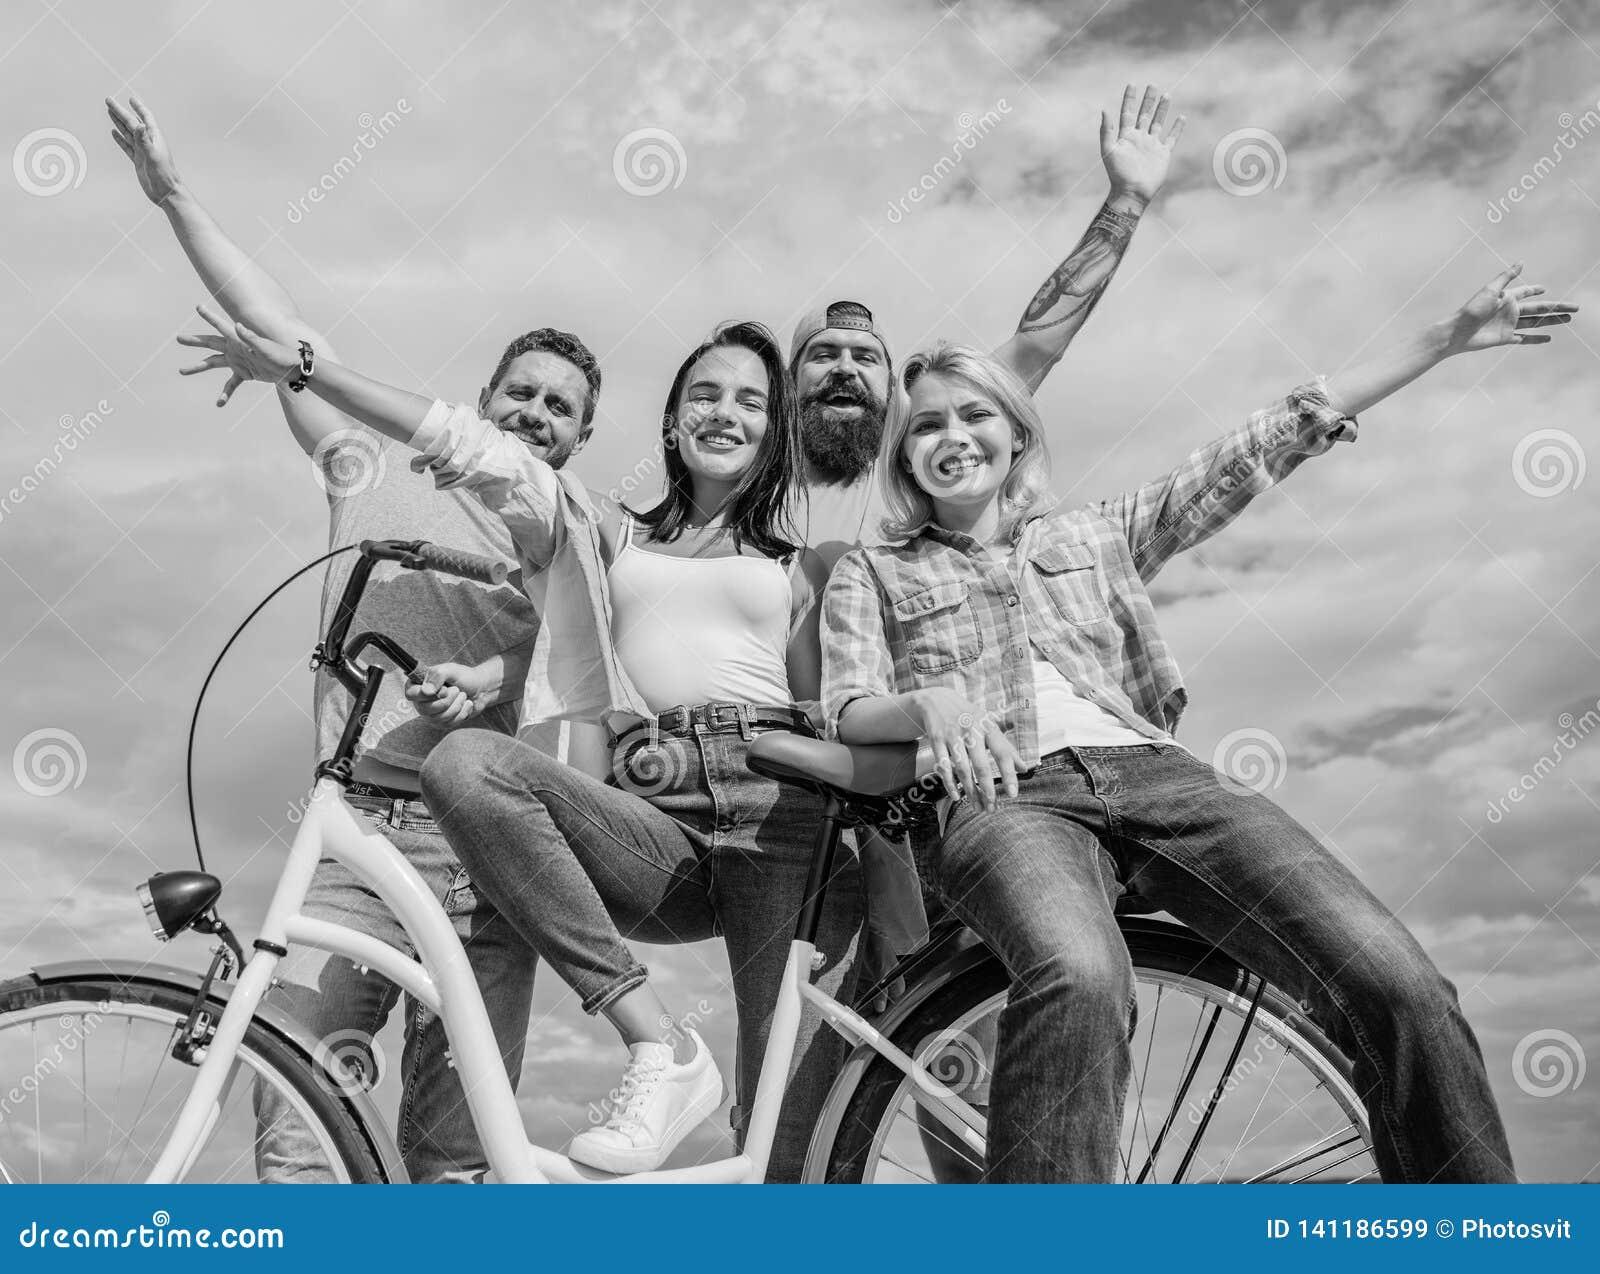 Bicicleta como parte da vida Modernidade do ciclismo e cultura nacional Os amigos do grupo penduram para fora com bicicleta Bicic